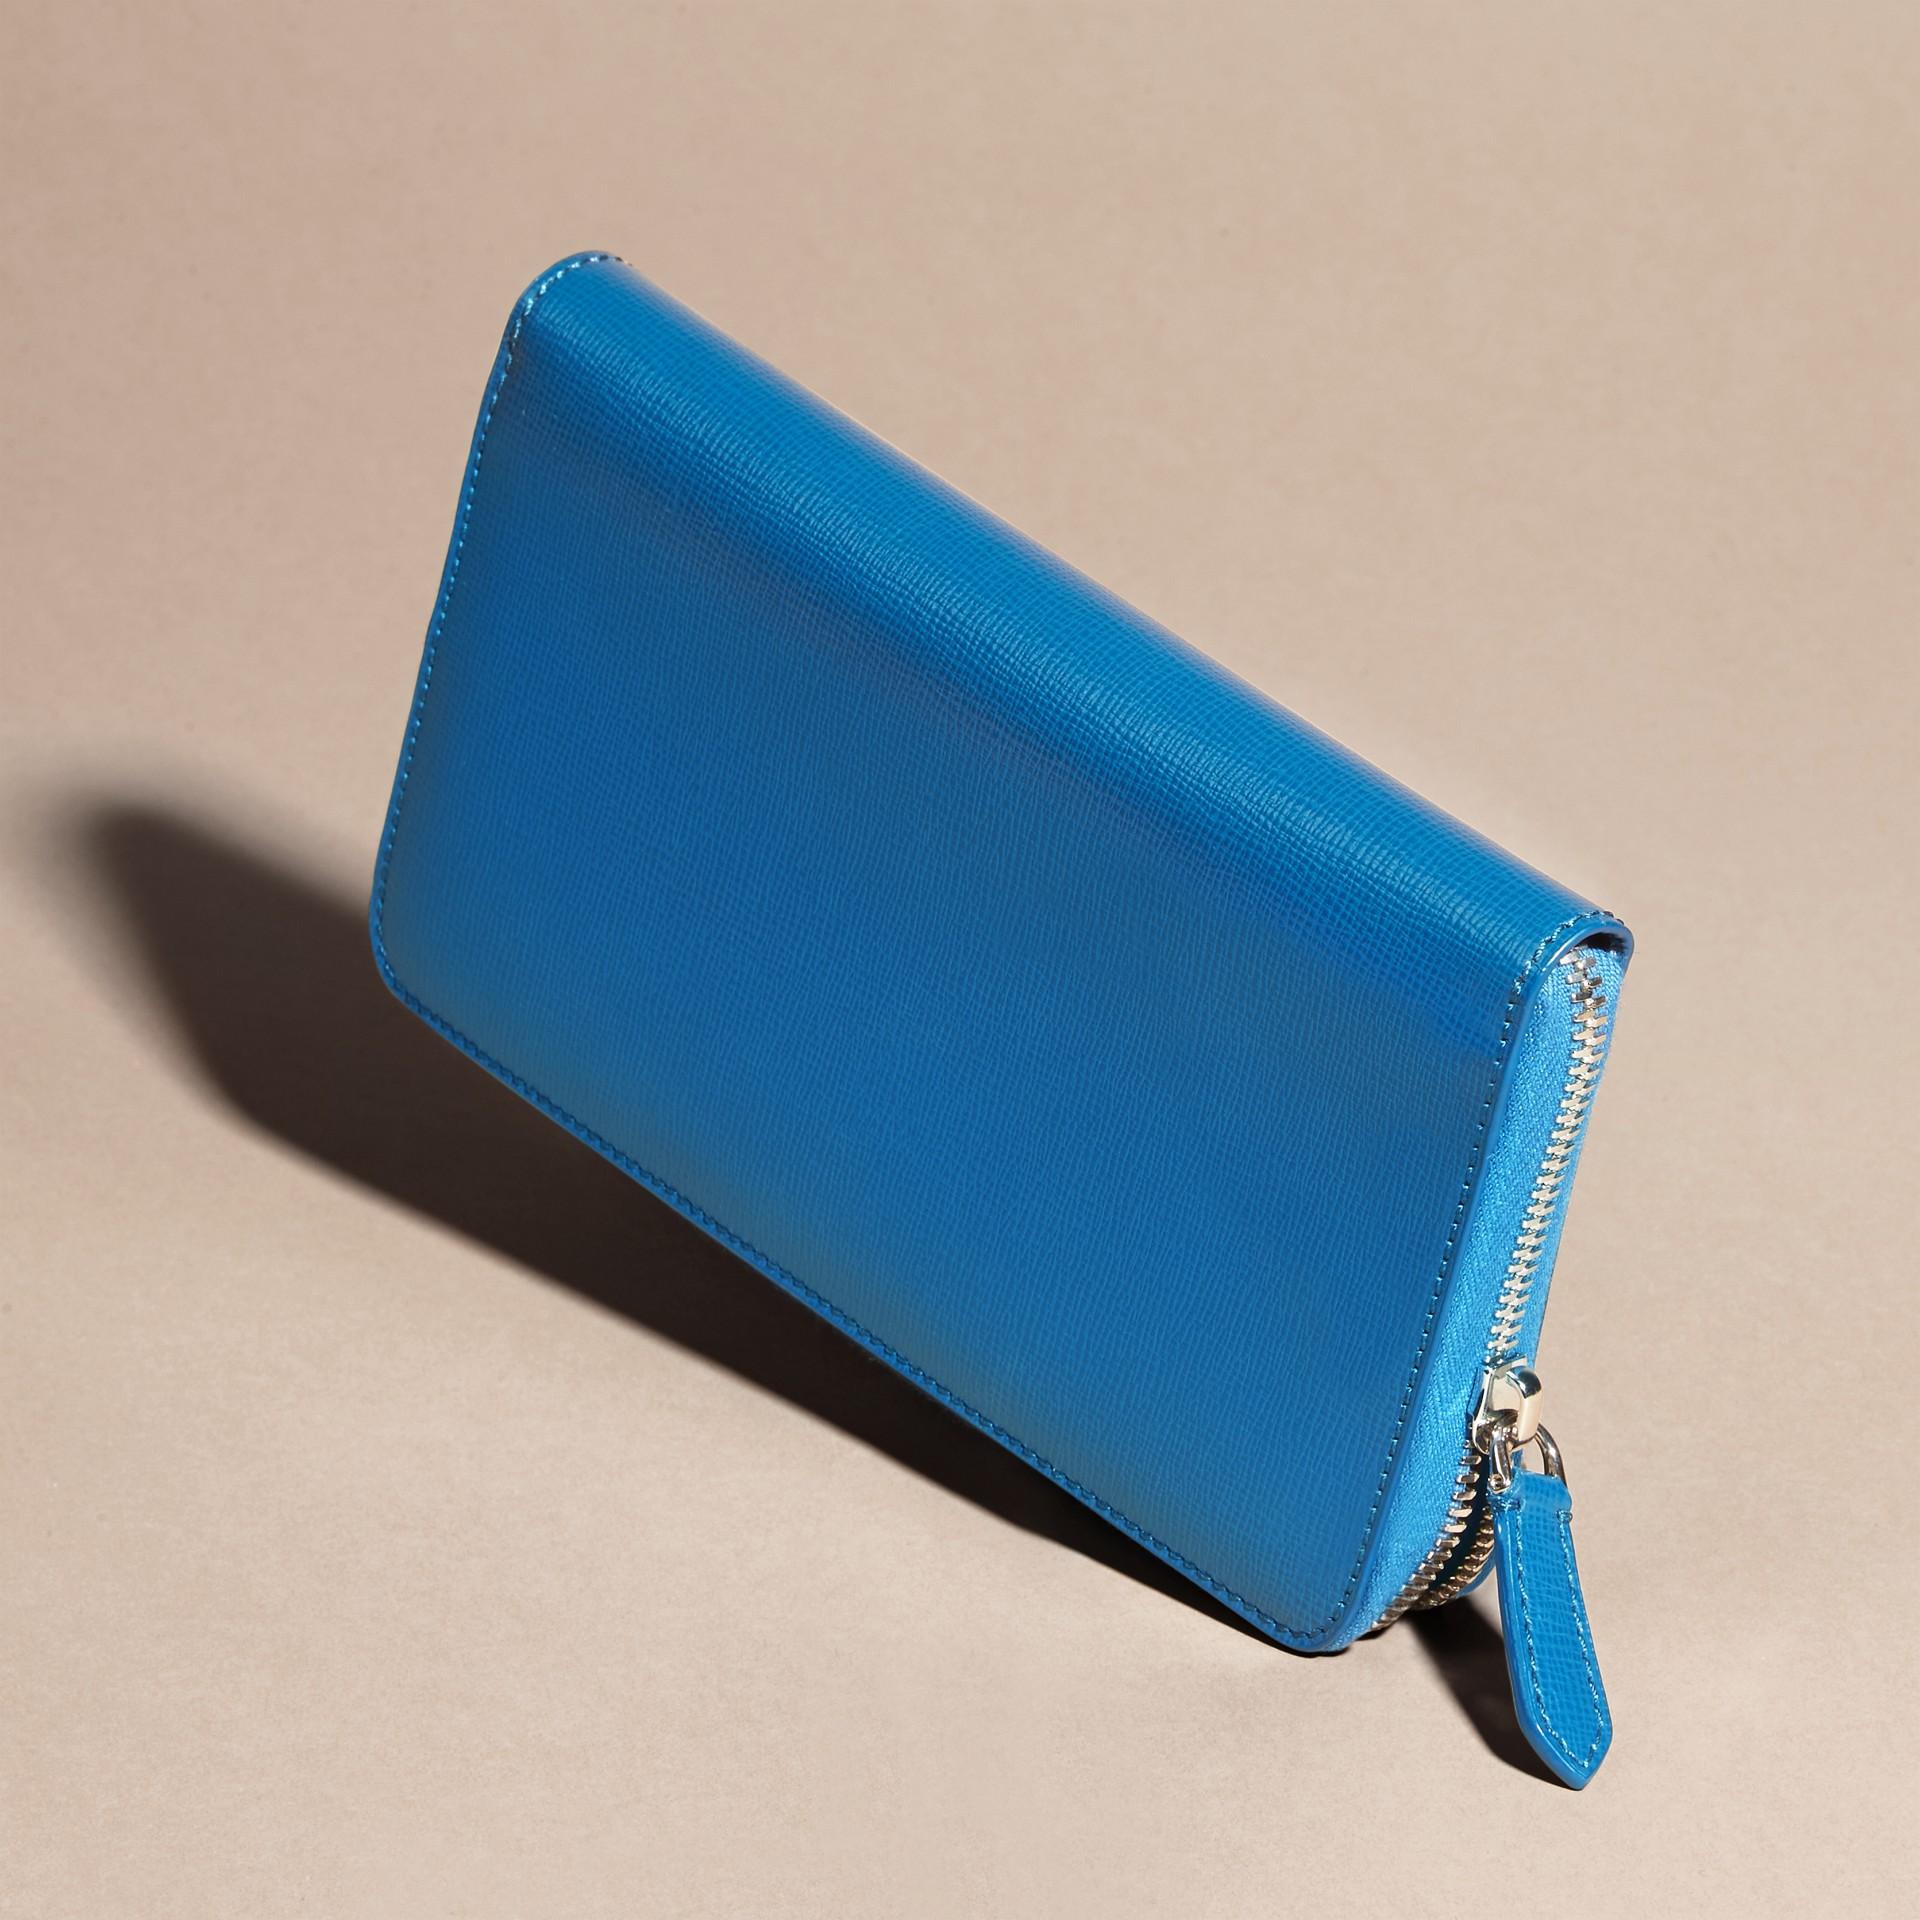 Bleu minéral Portefeuille zippé en cuir London - photo de la galerie 5